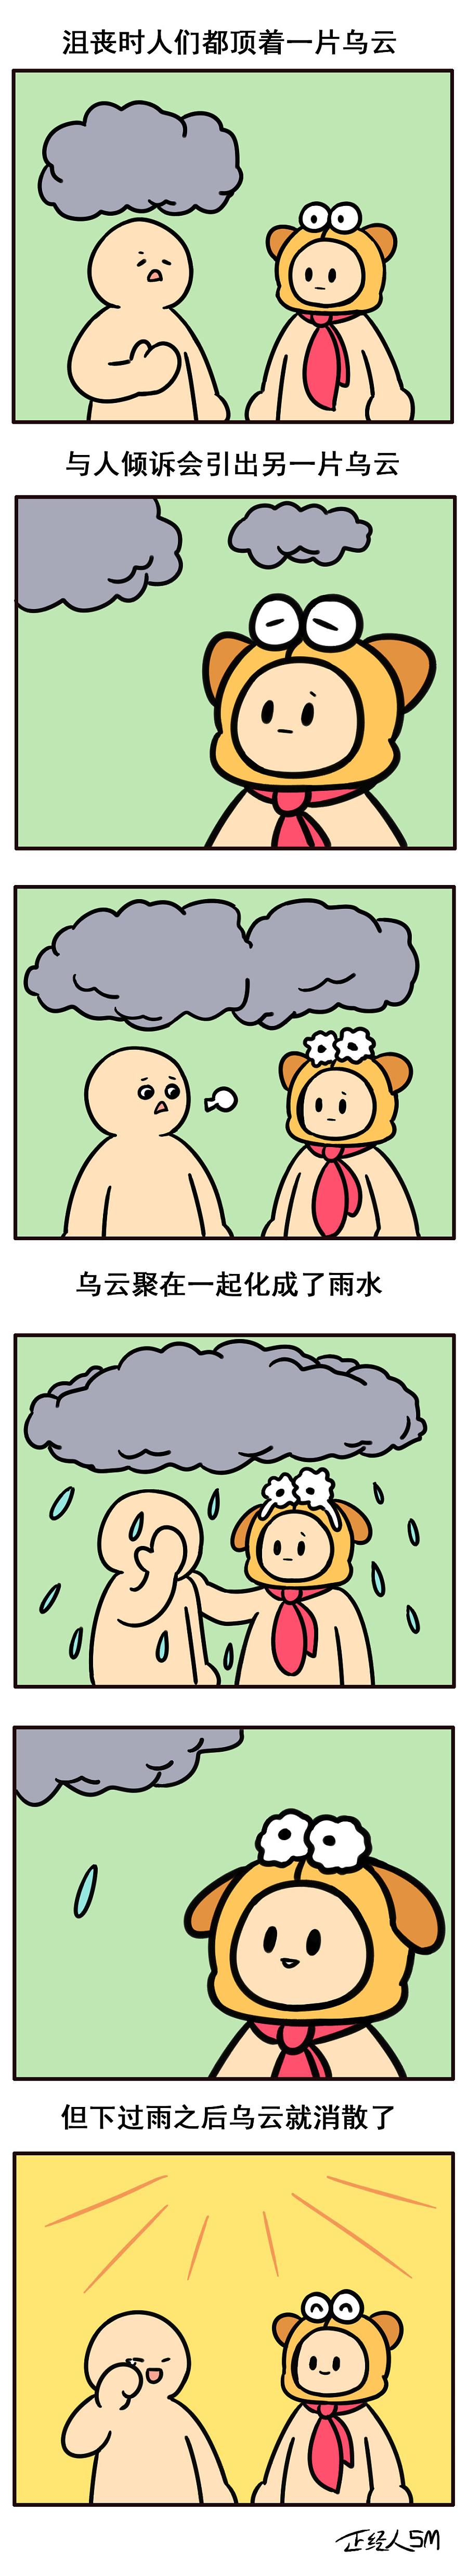 查看《【漫画×正经人】倾诉就像消消乐》原图,原图尺寸:1000x5504